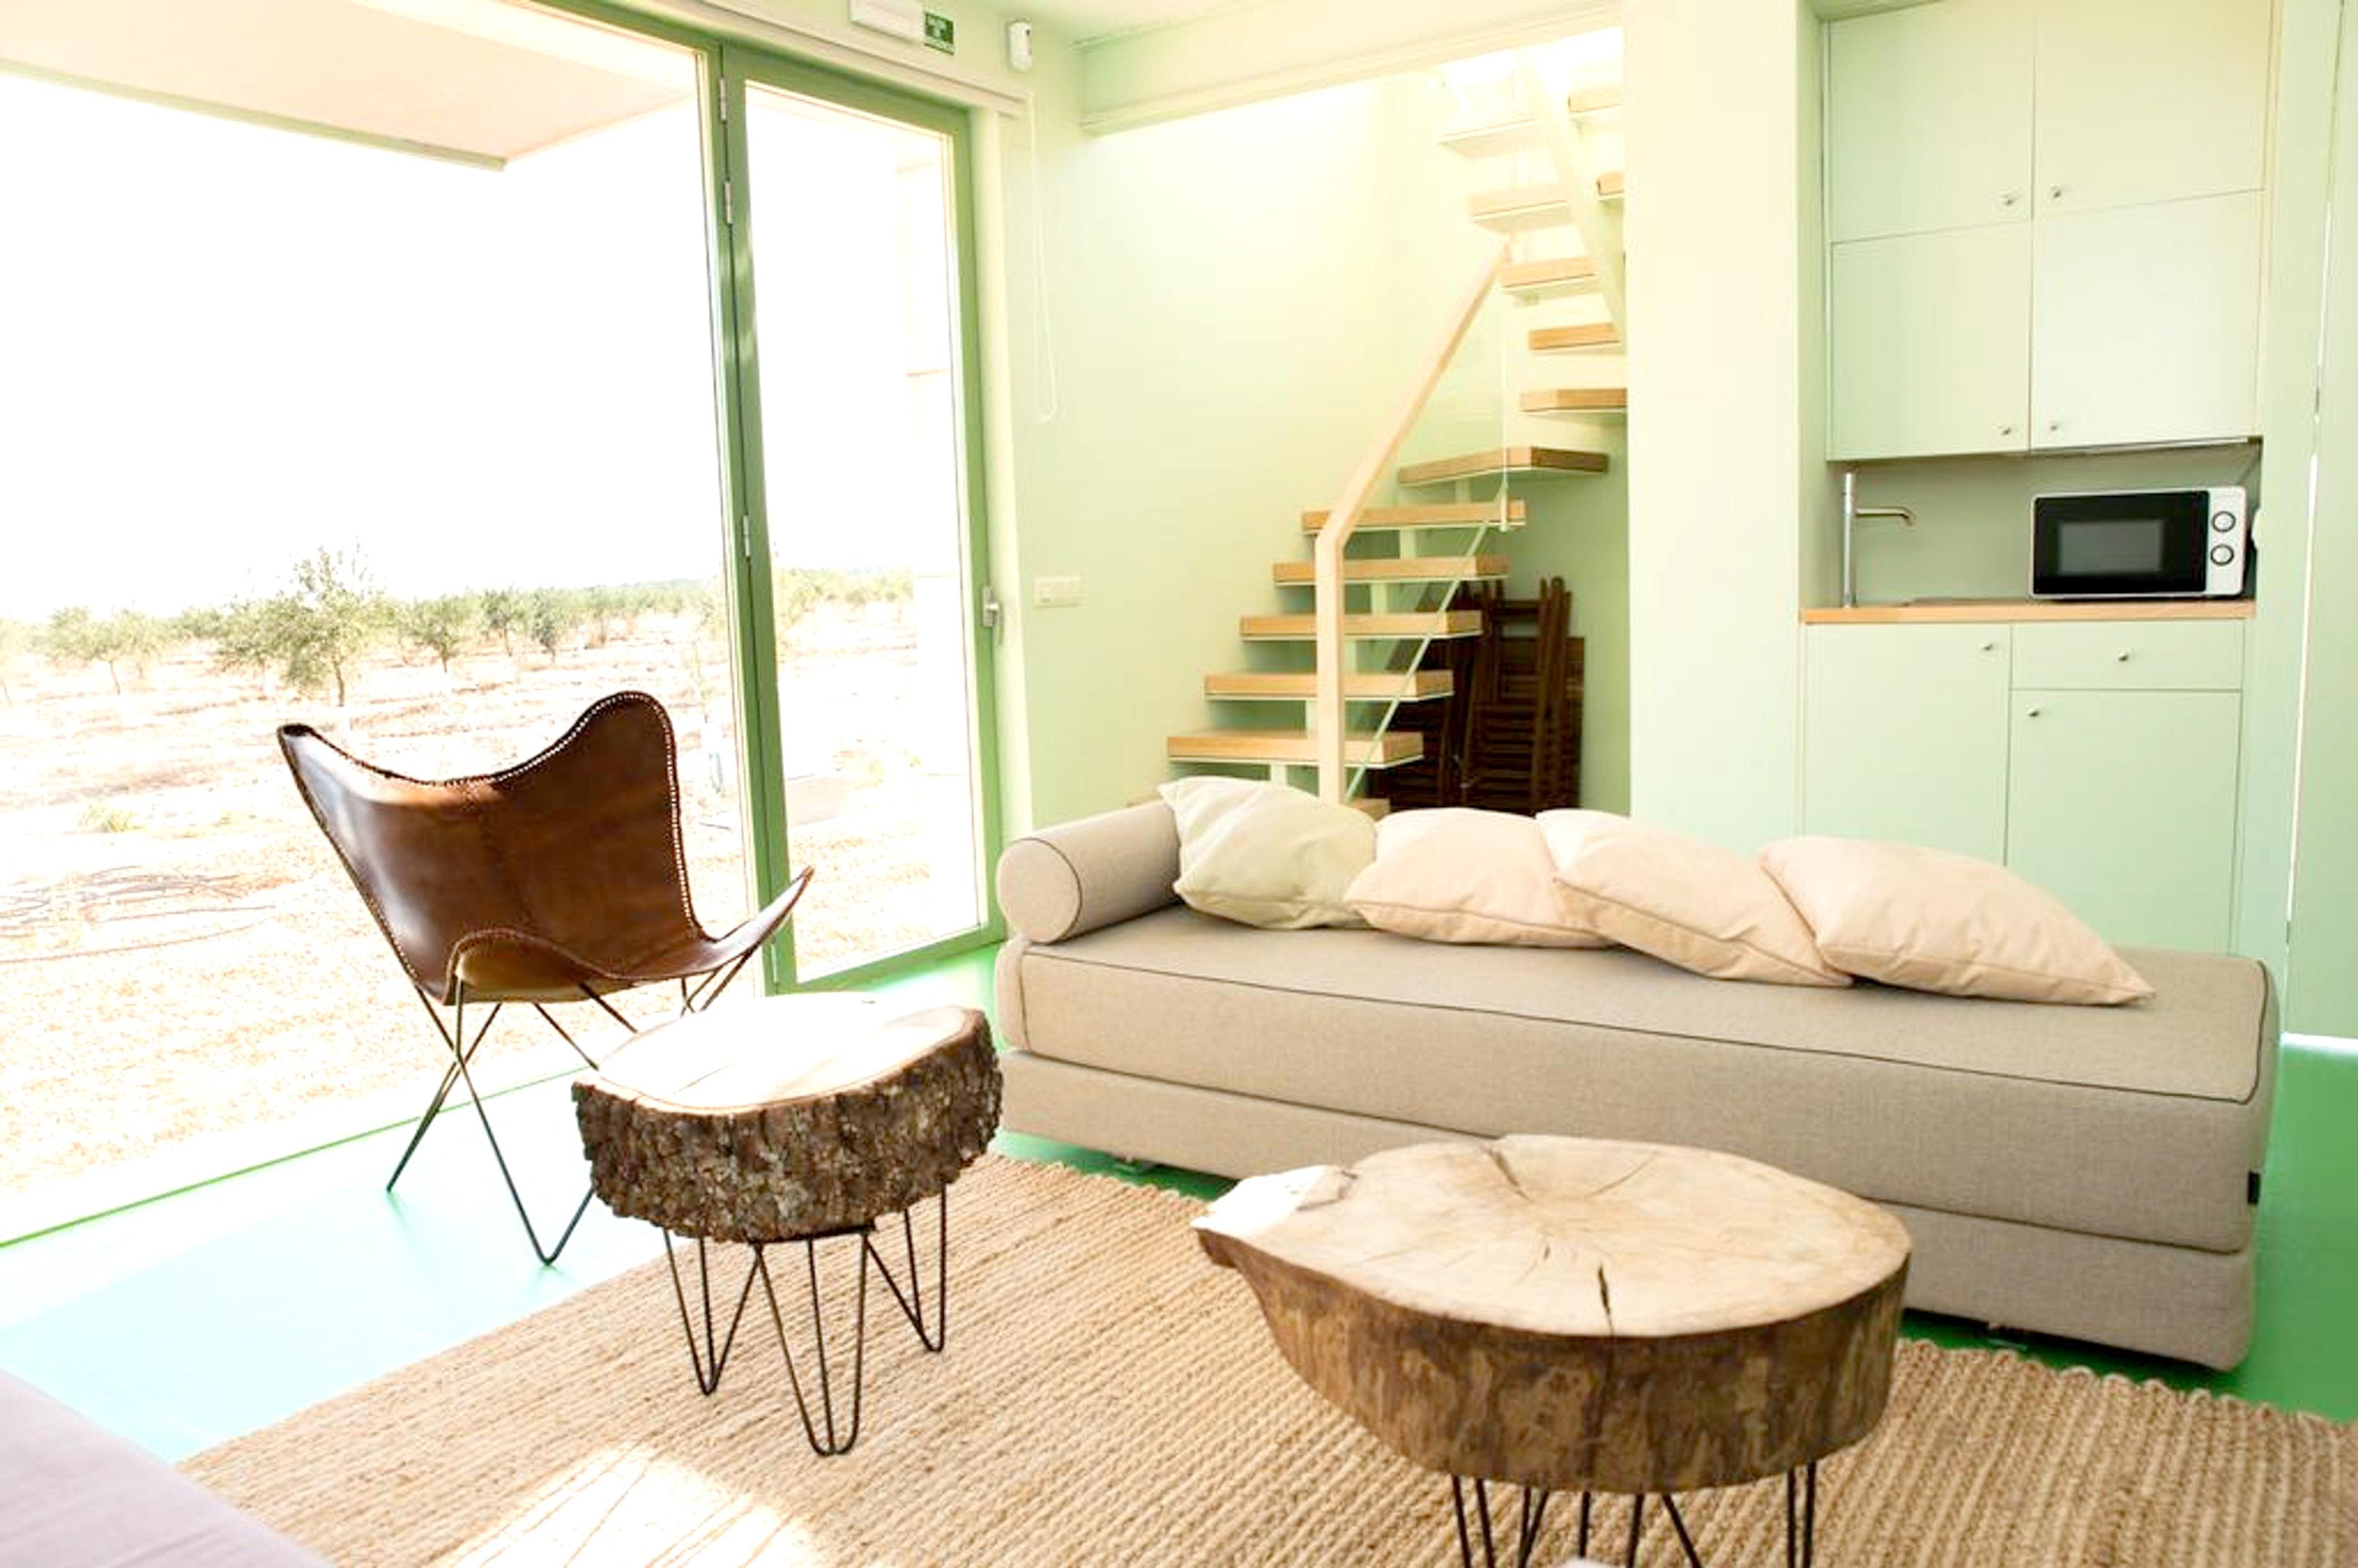 Ferienhaus Haus mit einem Schlafzimmer in Argamasilla de Alba mit Pool, eingezäuntem Garten und W-LAN (2541147), Argamasilla de Alba, Ciudad Real, Kastilien-La Mancha, Spanien, Bild 1